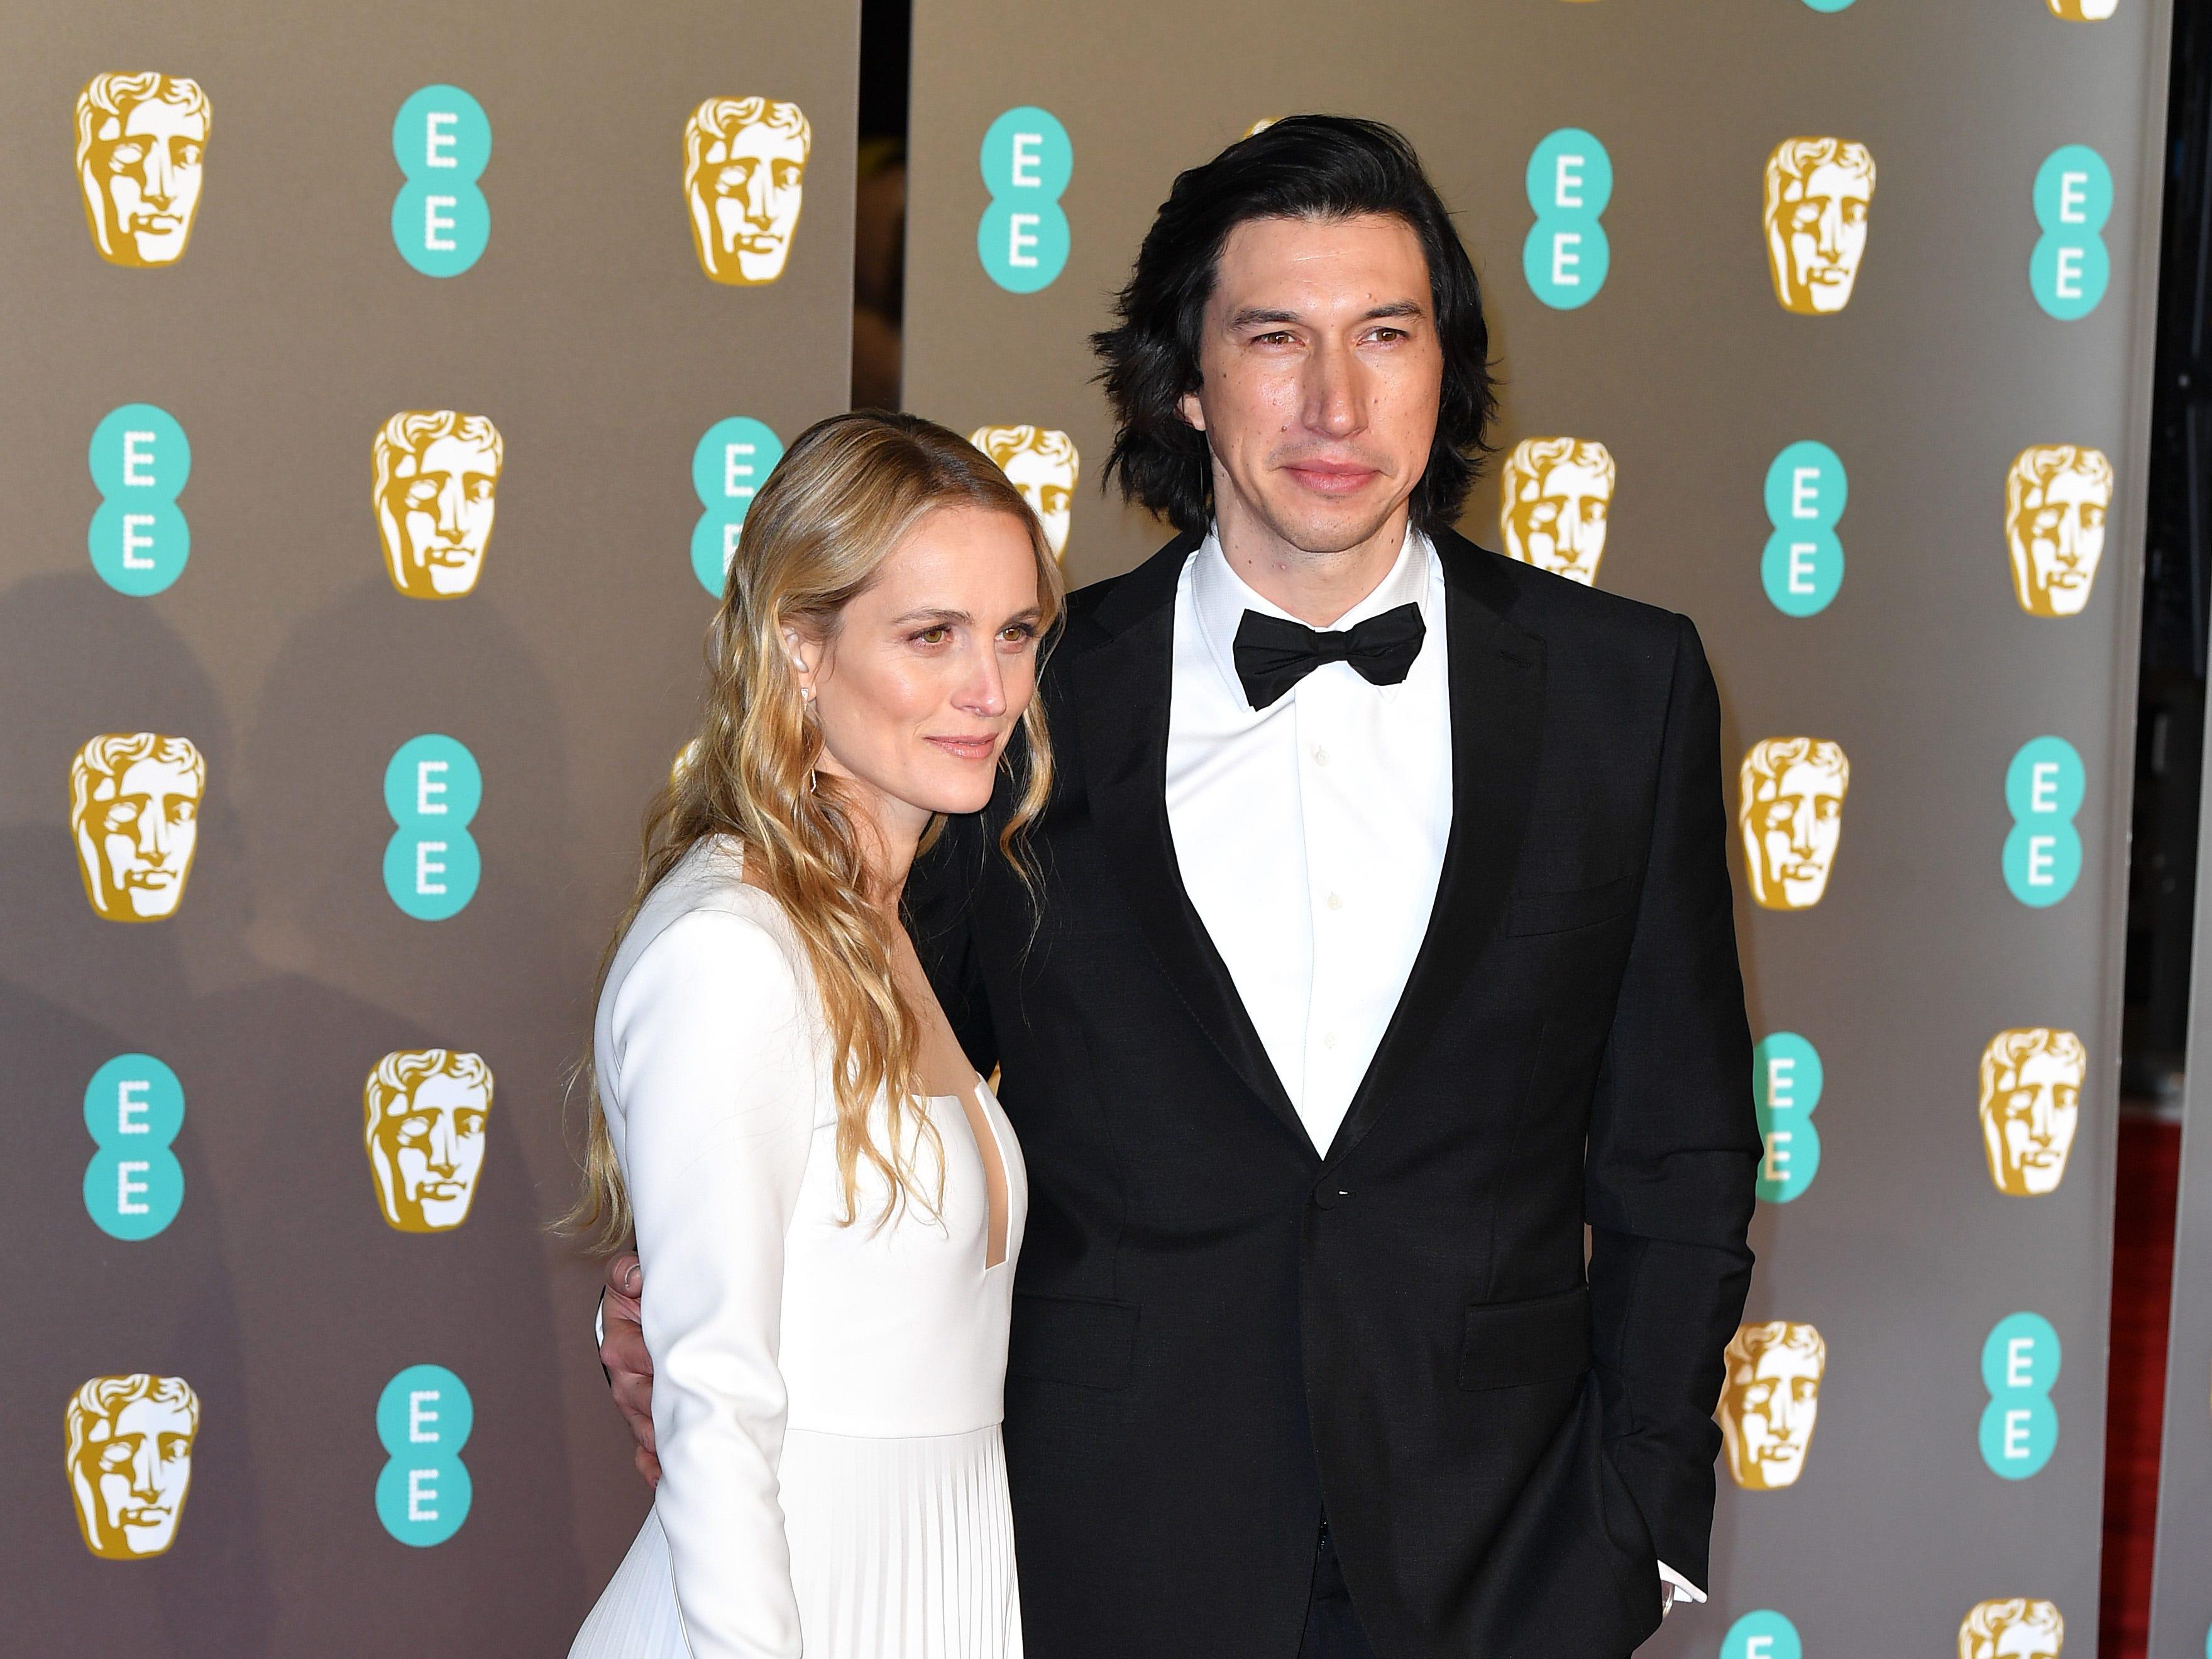 Adam Driver (izq) y Joanne Tucker a su llegada a la alfombra roja de los Premios de la Academia Británica de Cine BAFTA en el Royal Albert Hall en Londres el 10 de febrero de 2019.